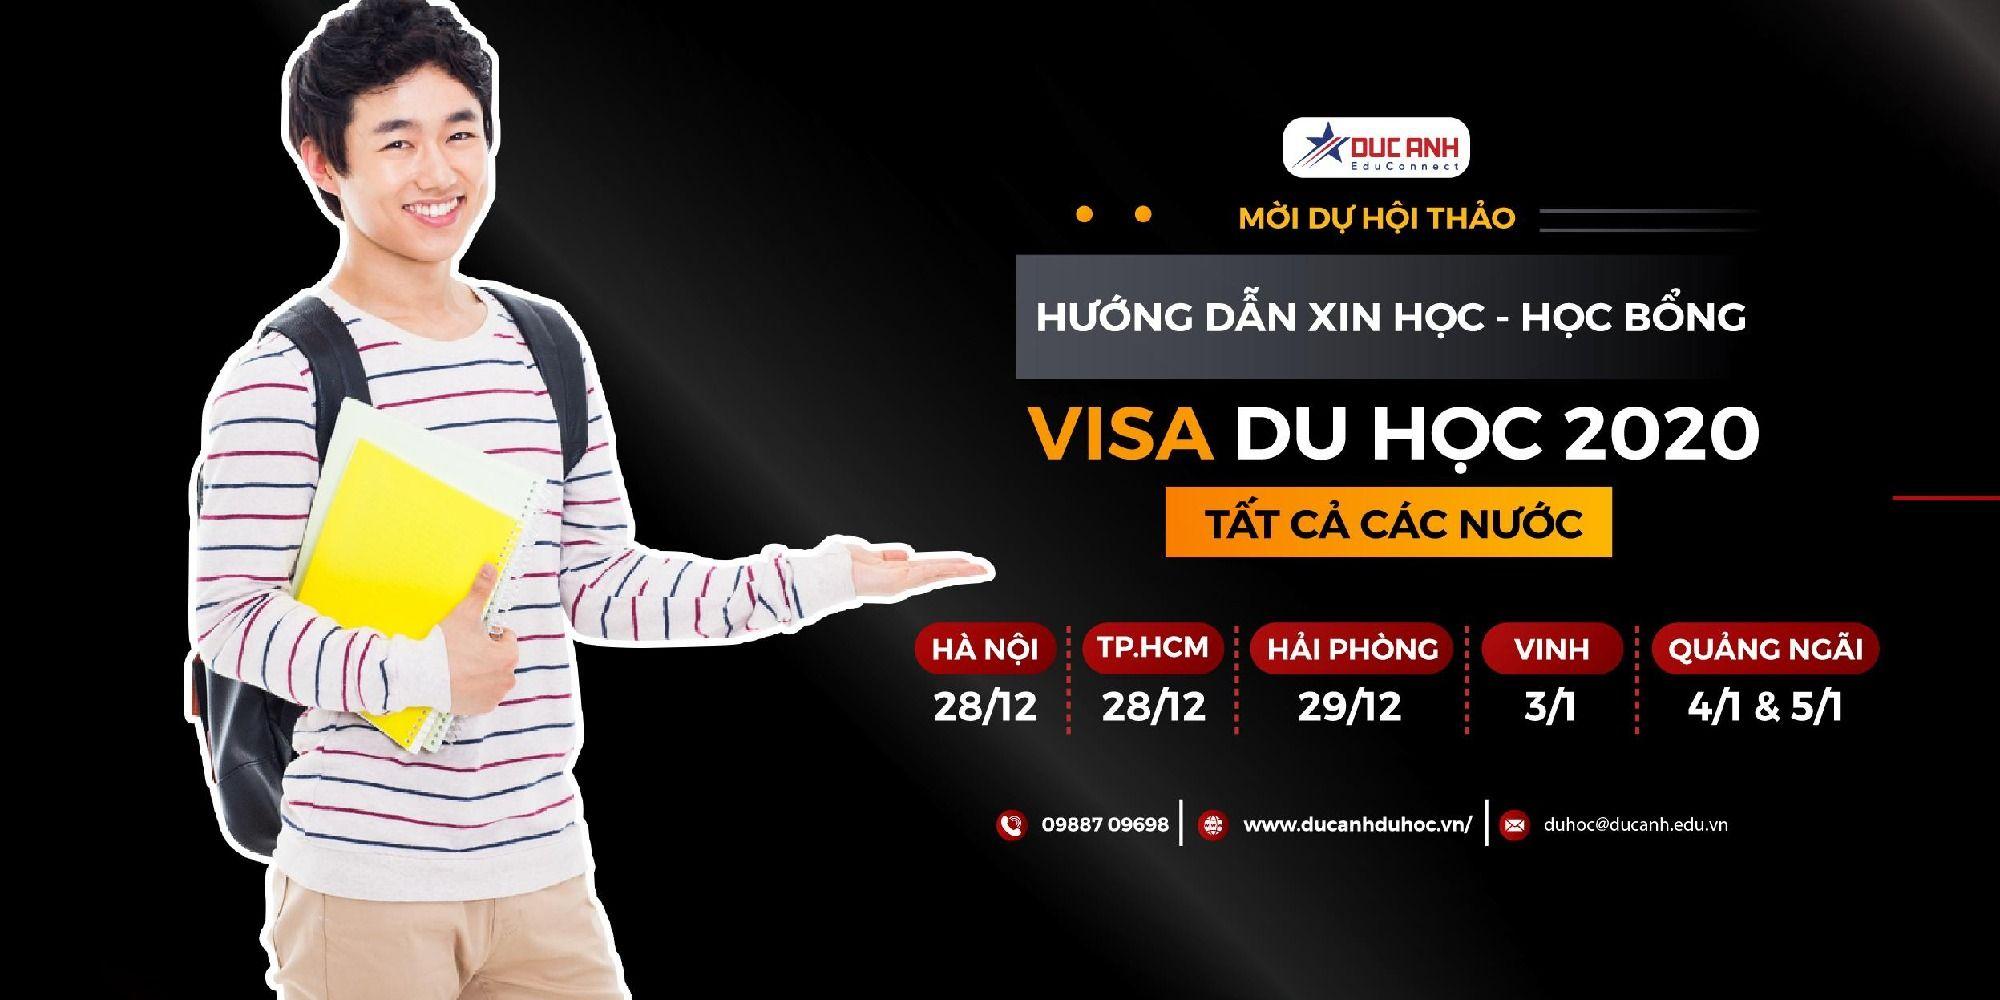 Seminar: Hướng dẫn xin học- học bổng và visa du học 2020 - Tất cả các nước